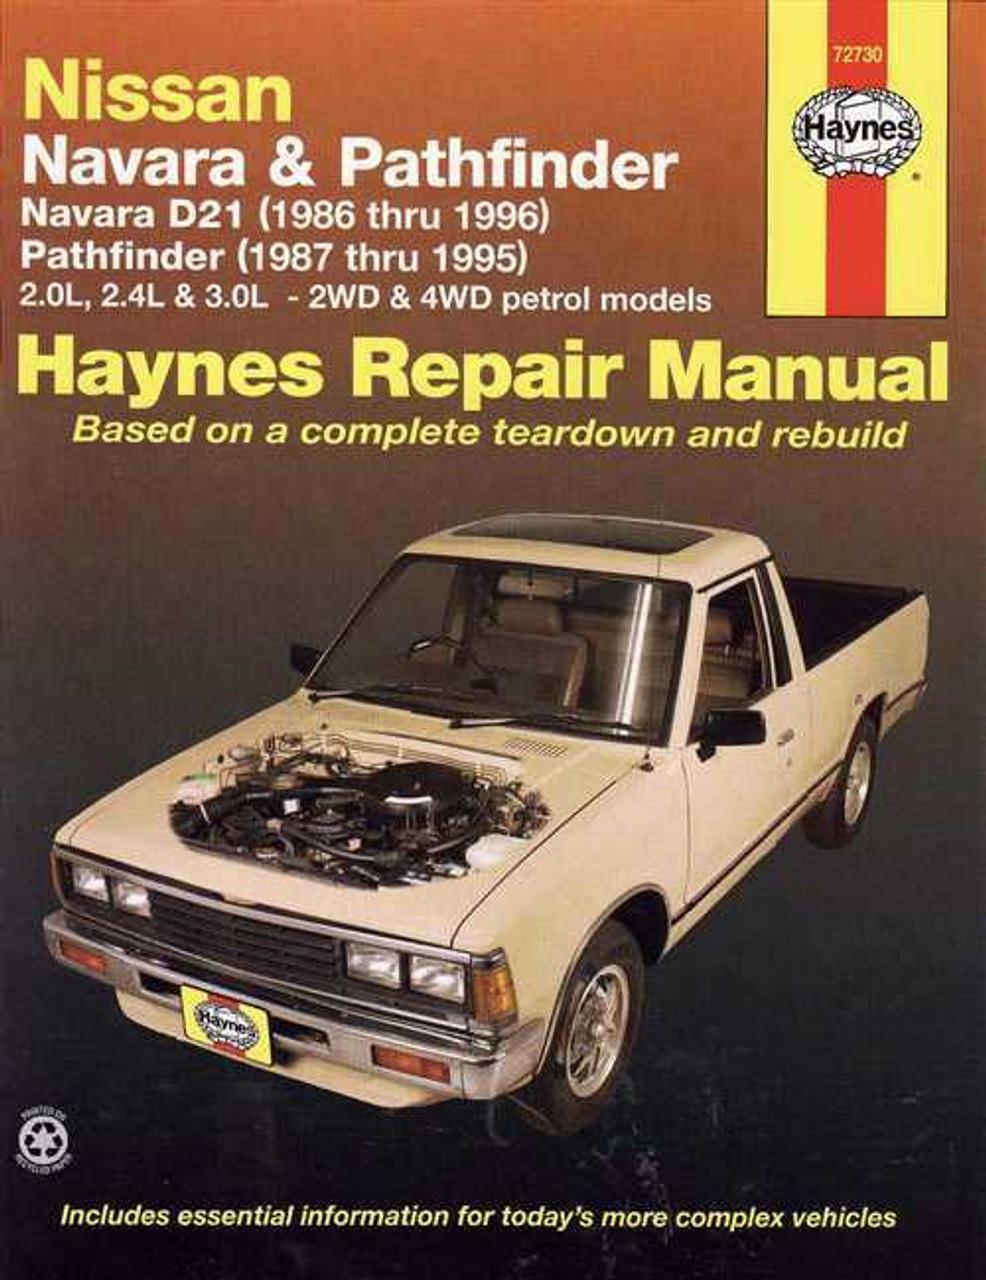 Nissan Navara Pathfinder Reparaturanleitung Reparatur Buch Haynes Handbuch Nikelcrom Com